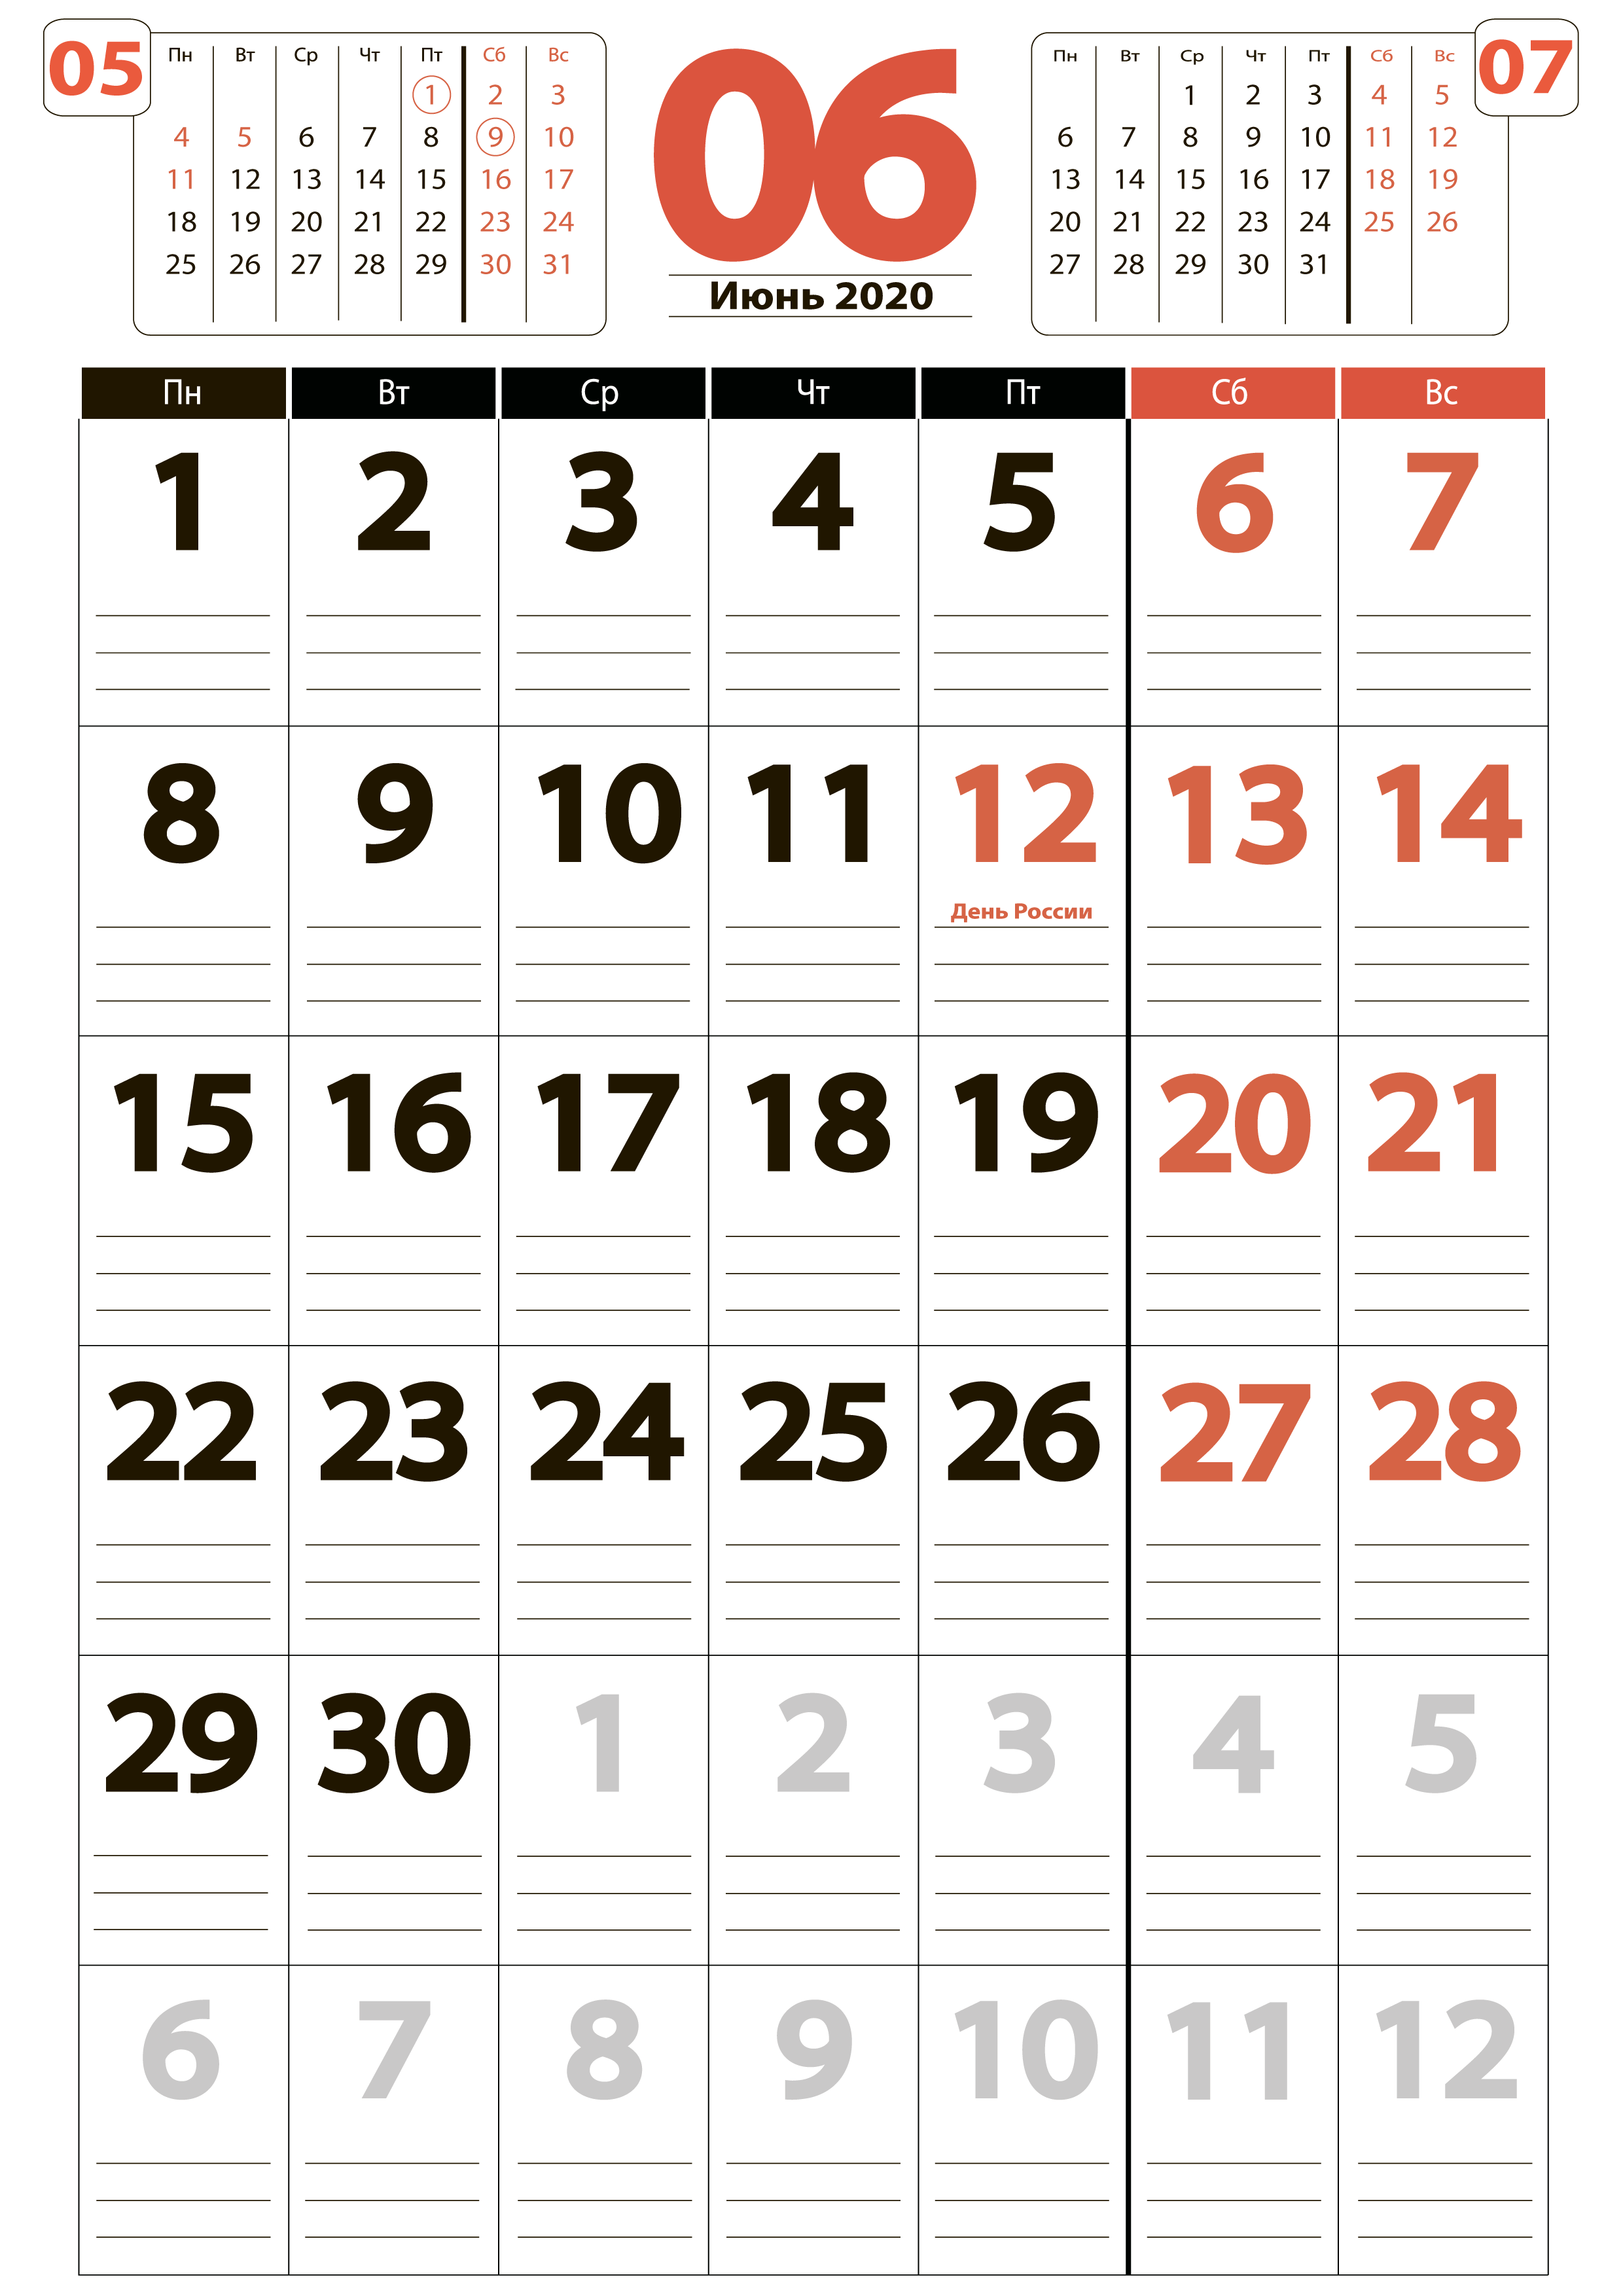 Июнь 2020 - Крупный календарь на месяц